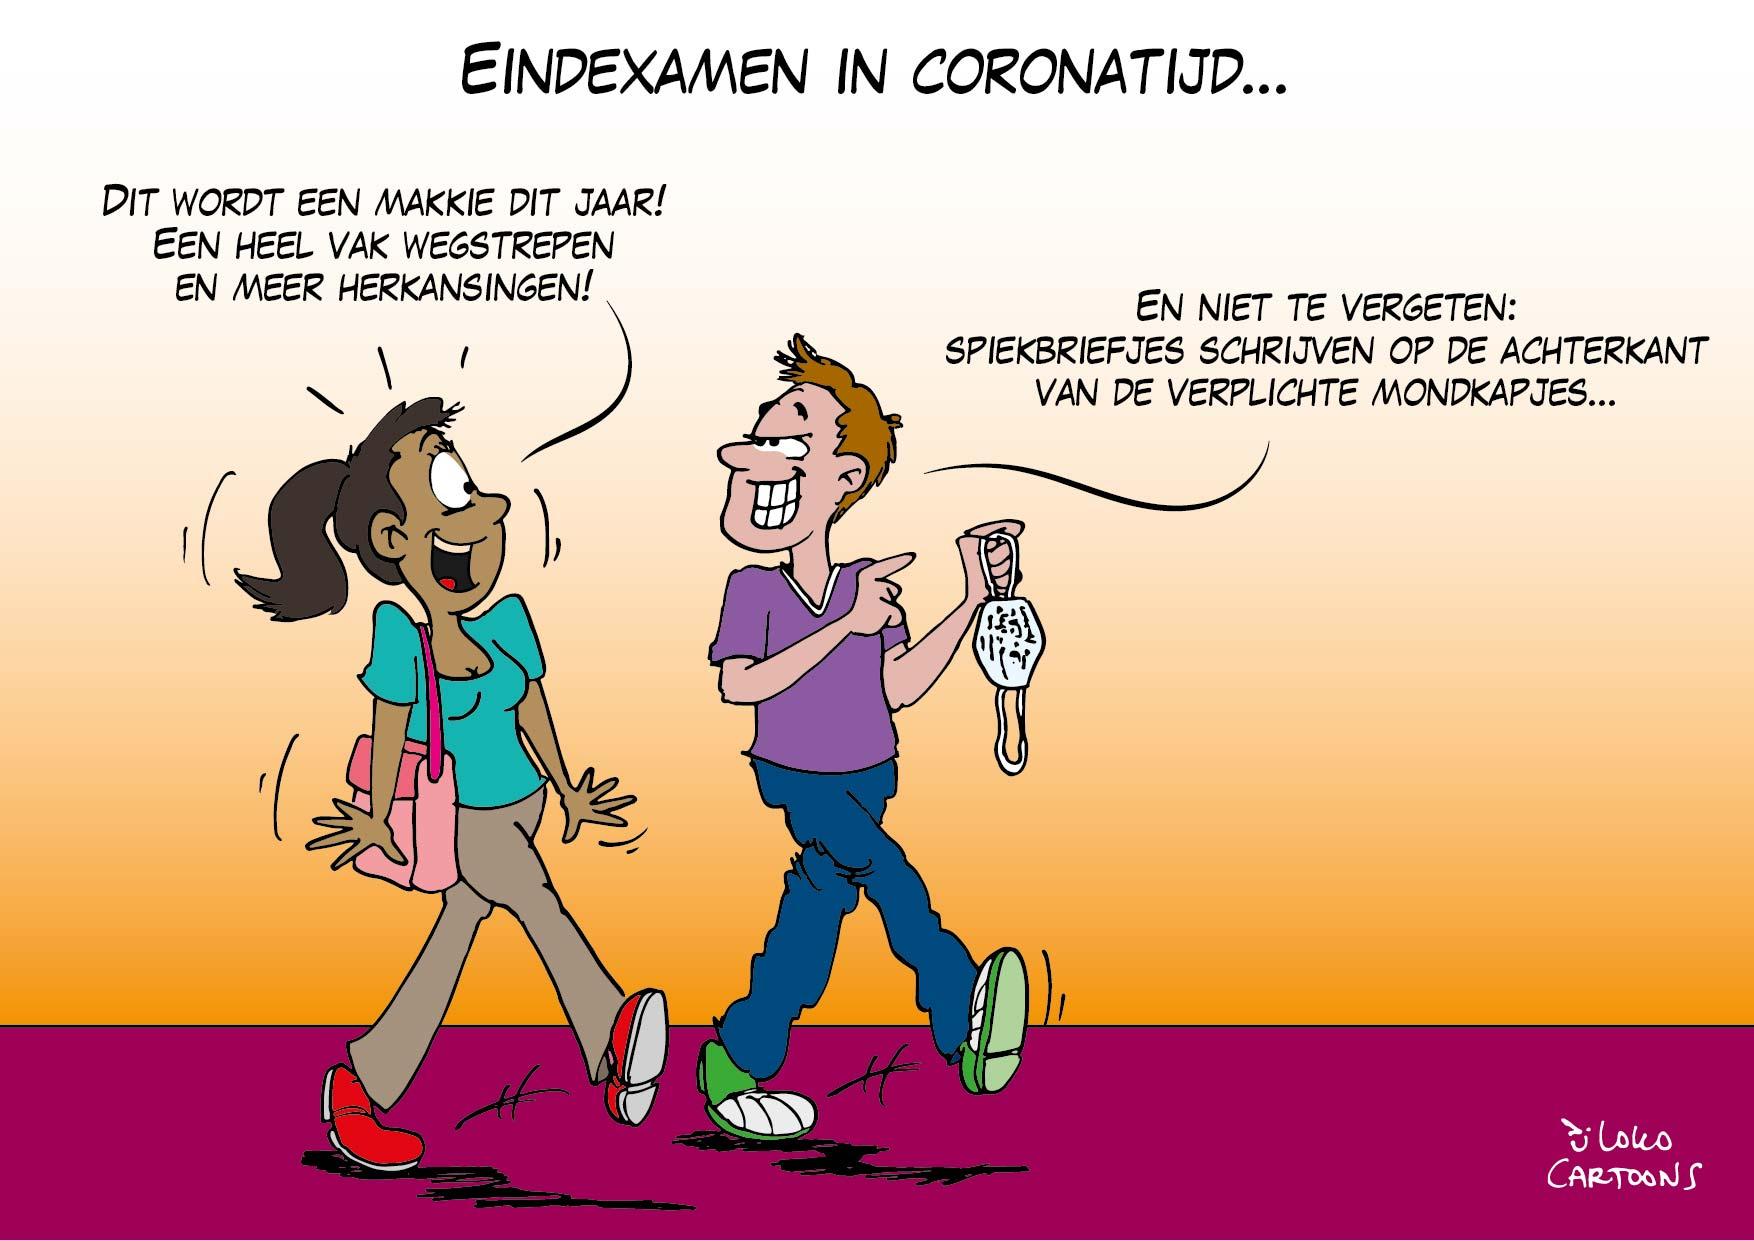 Eindexamen in coronatijd…